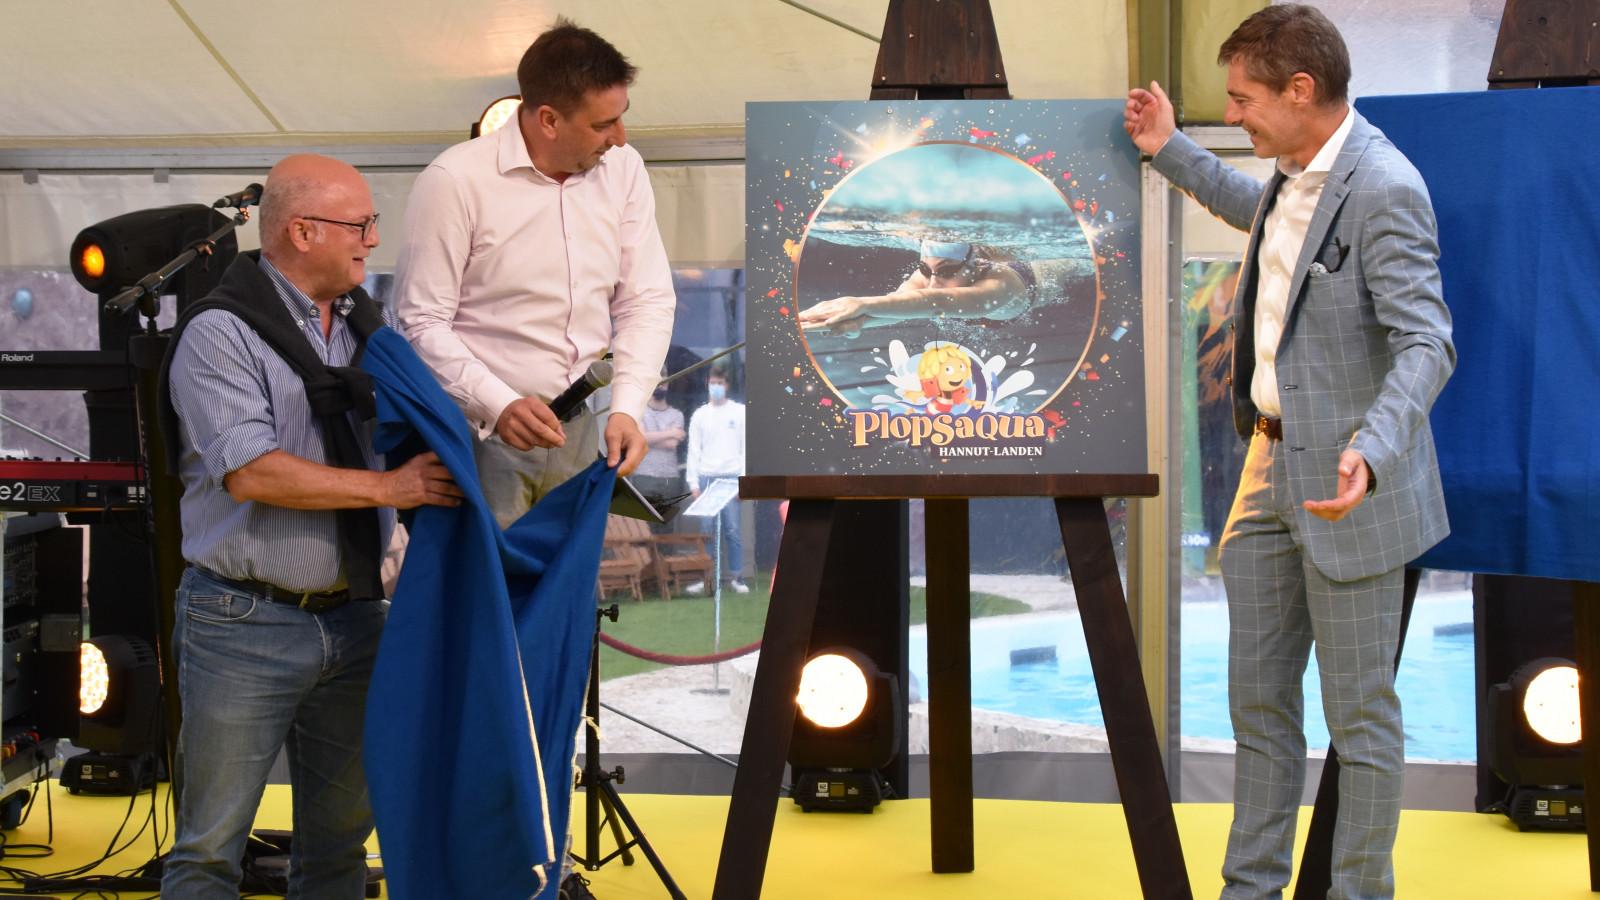 Opening Plopsaqua Landen-Hannuit 3.jpg